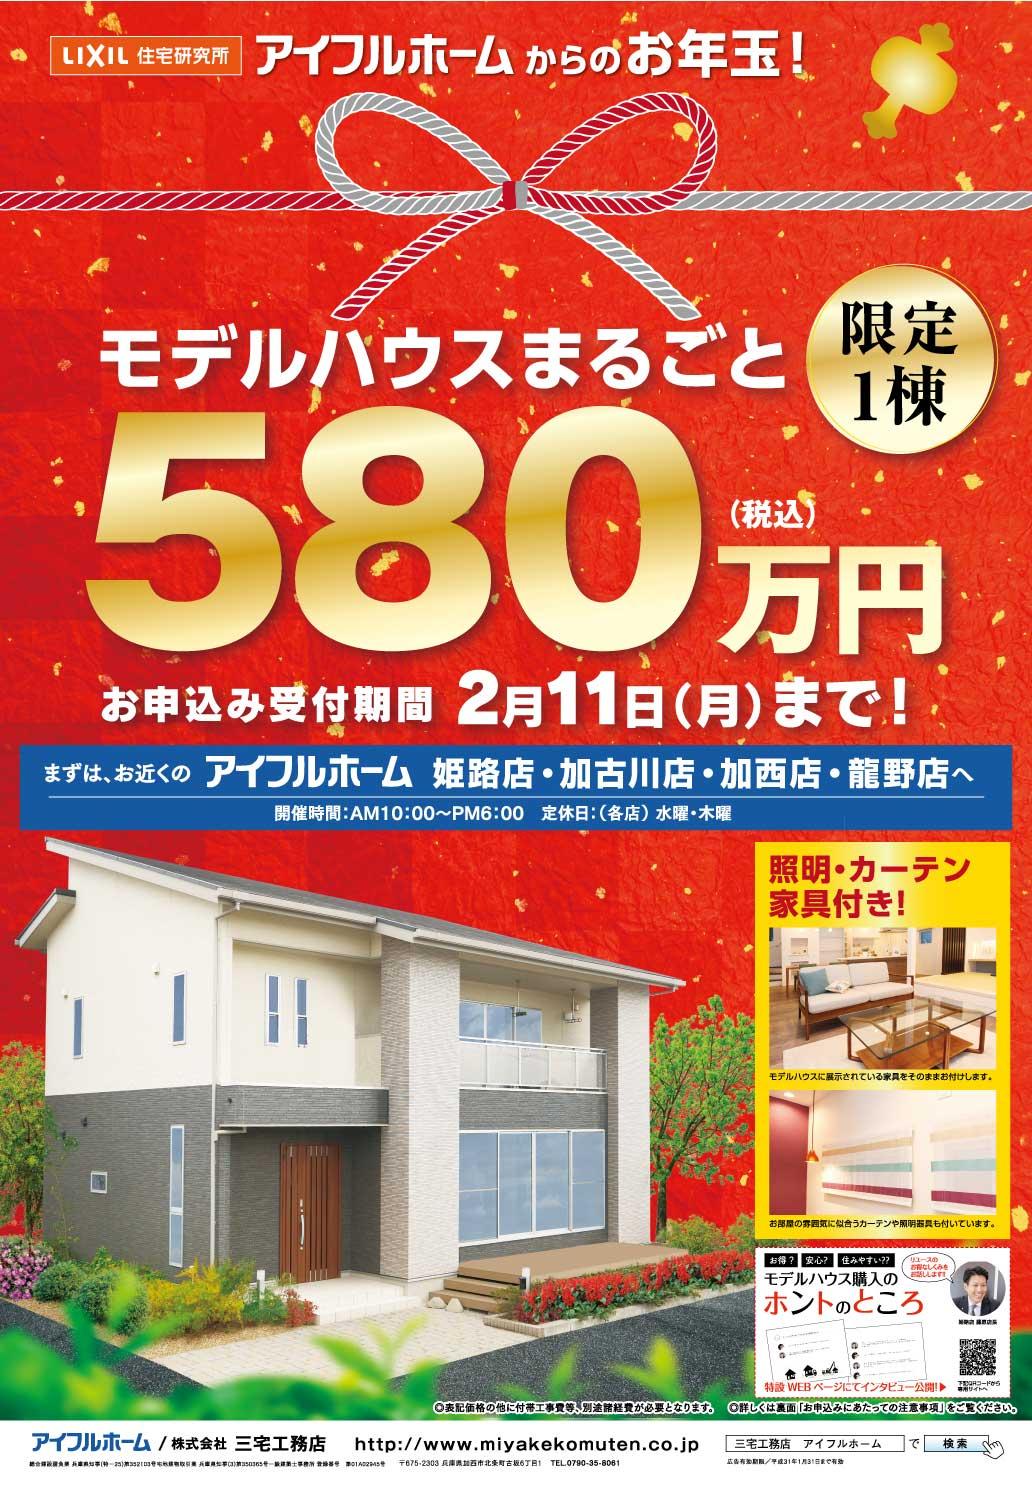 アイフルホームのモデルハウスがまるごと580万円。2019年2月11日まで。姫路店、加古川店、加西店、龍野店